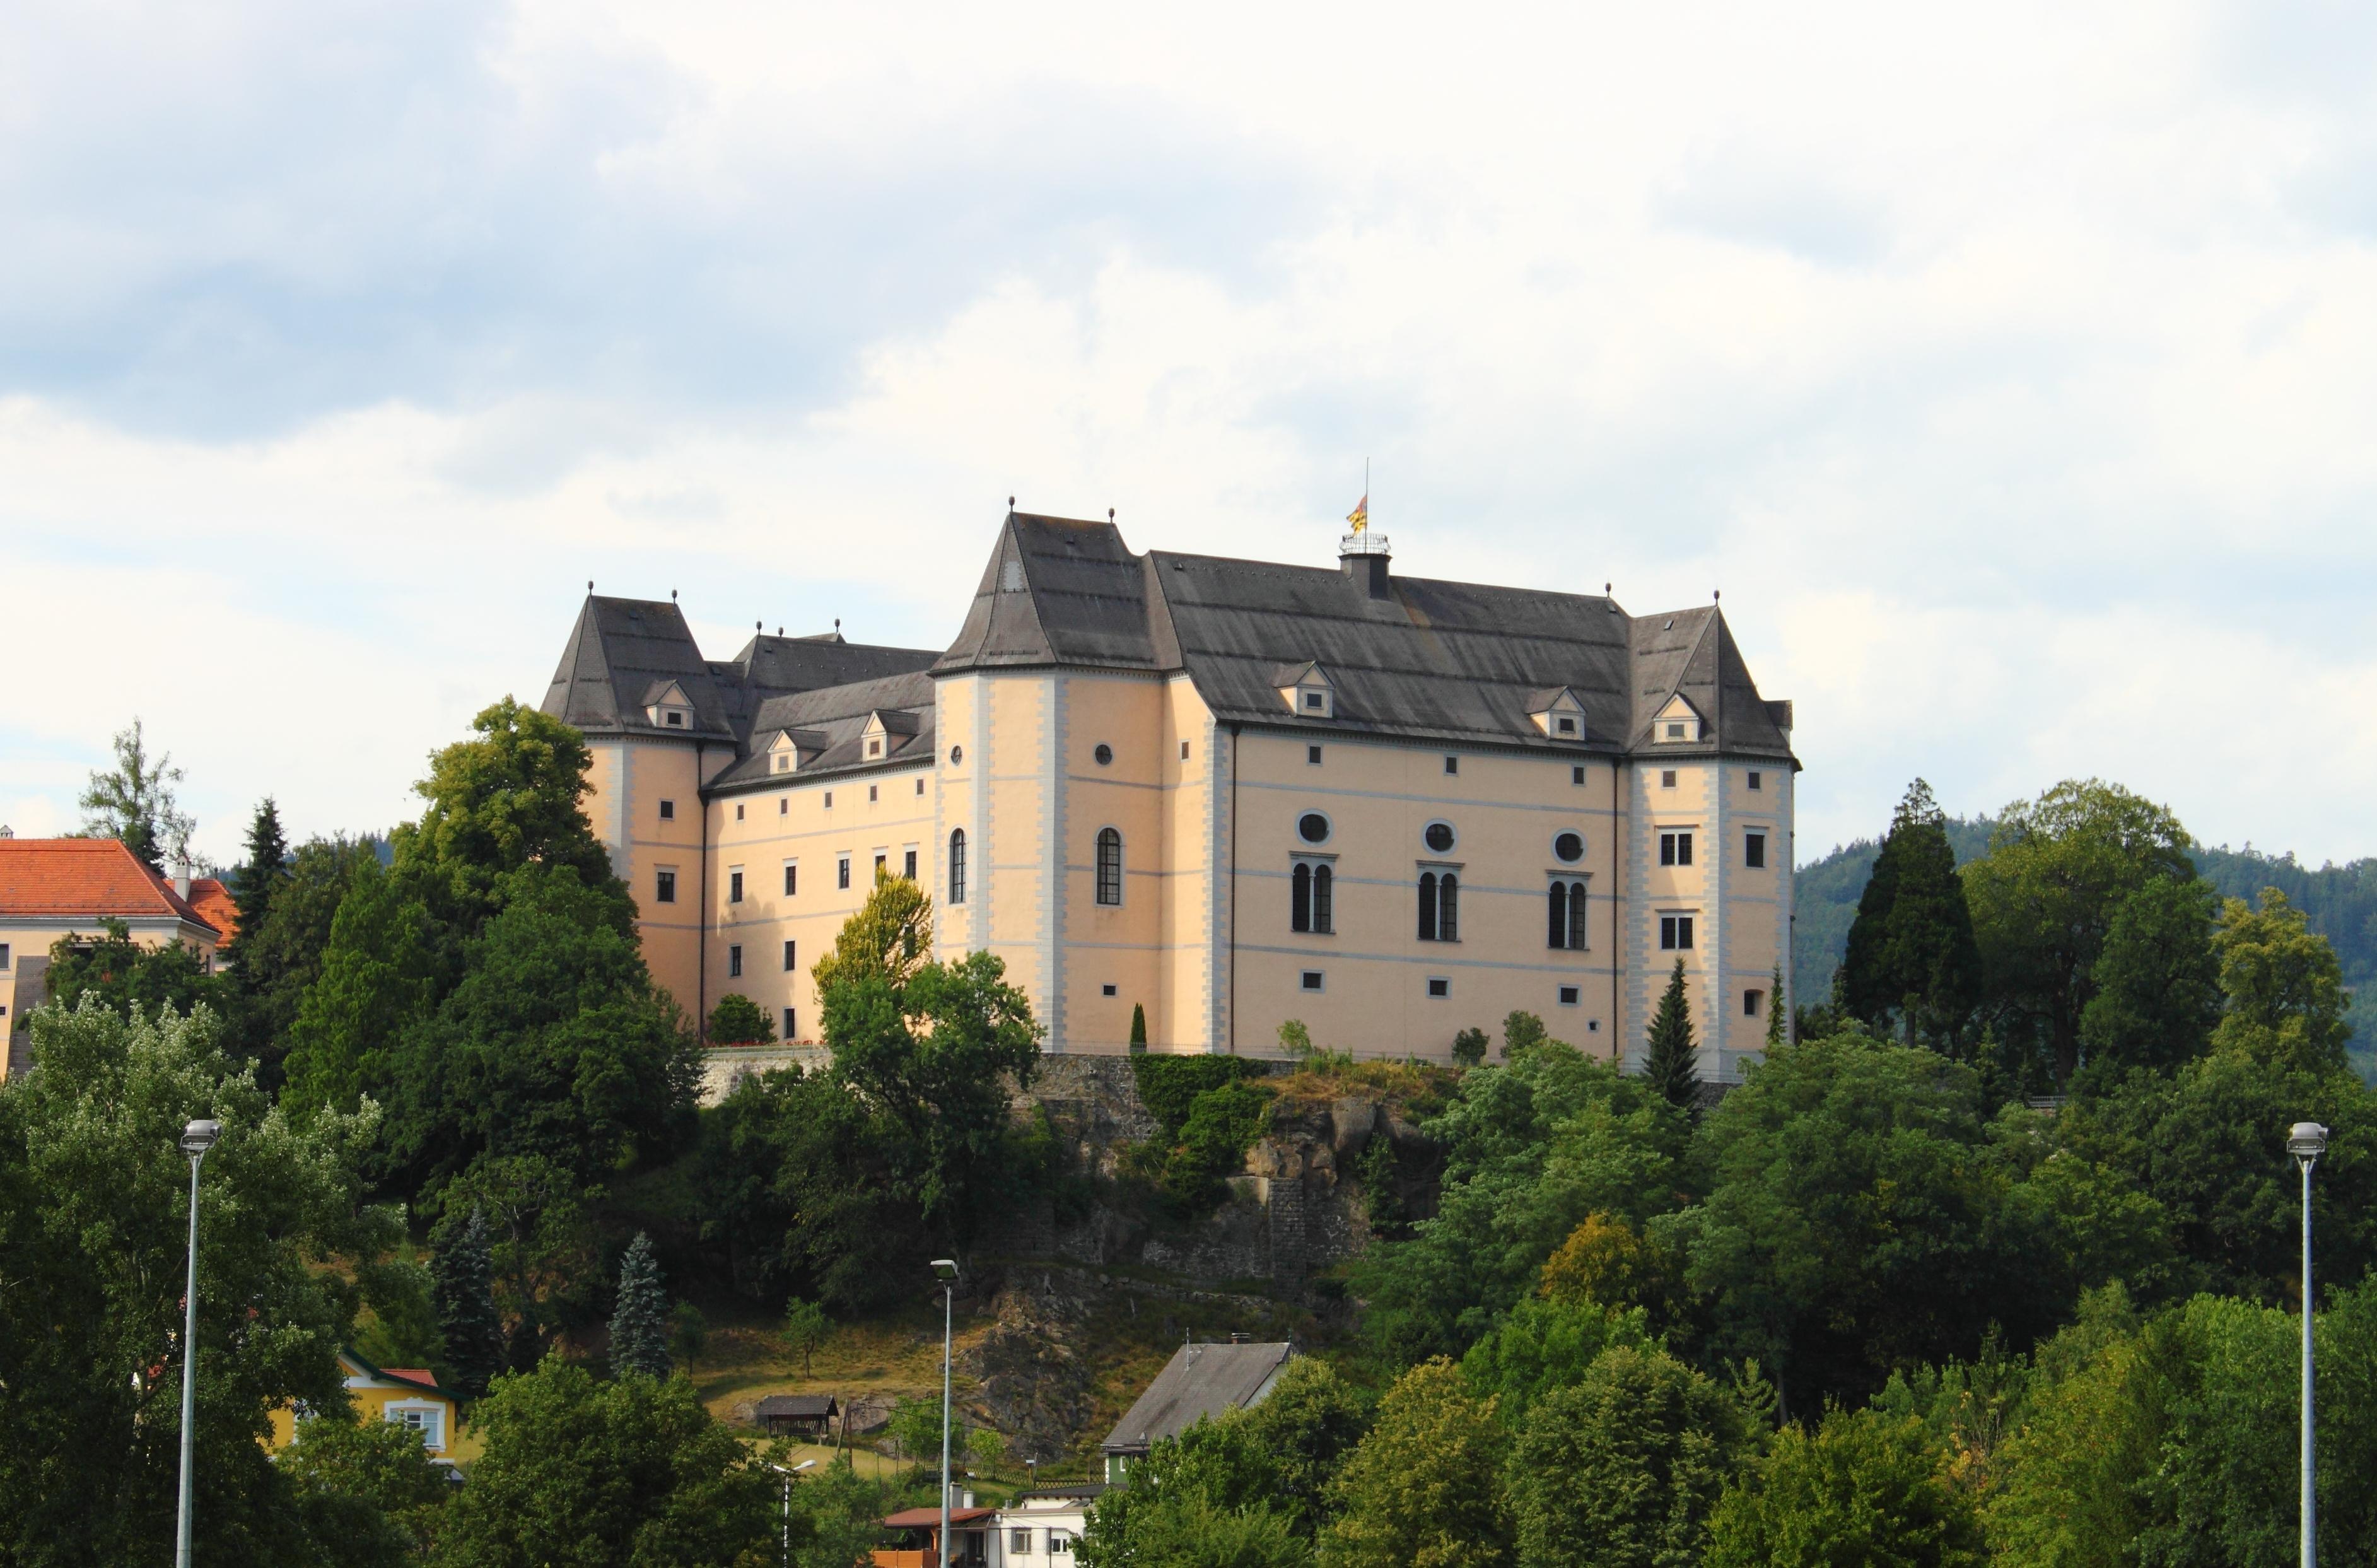 7-daagse wandelvakantie Donausteig